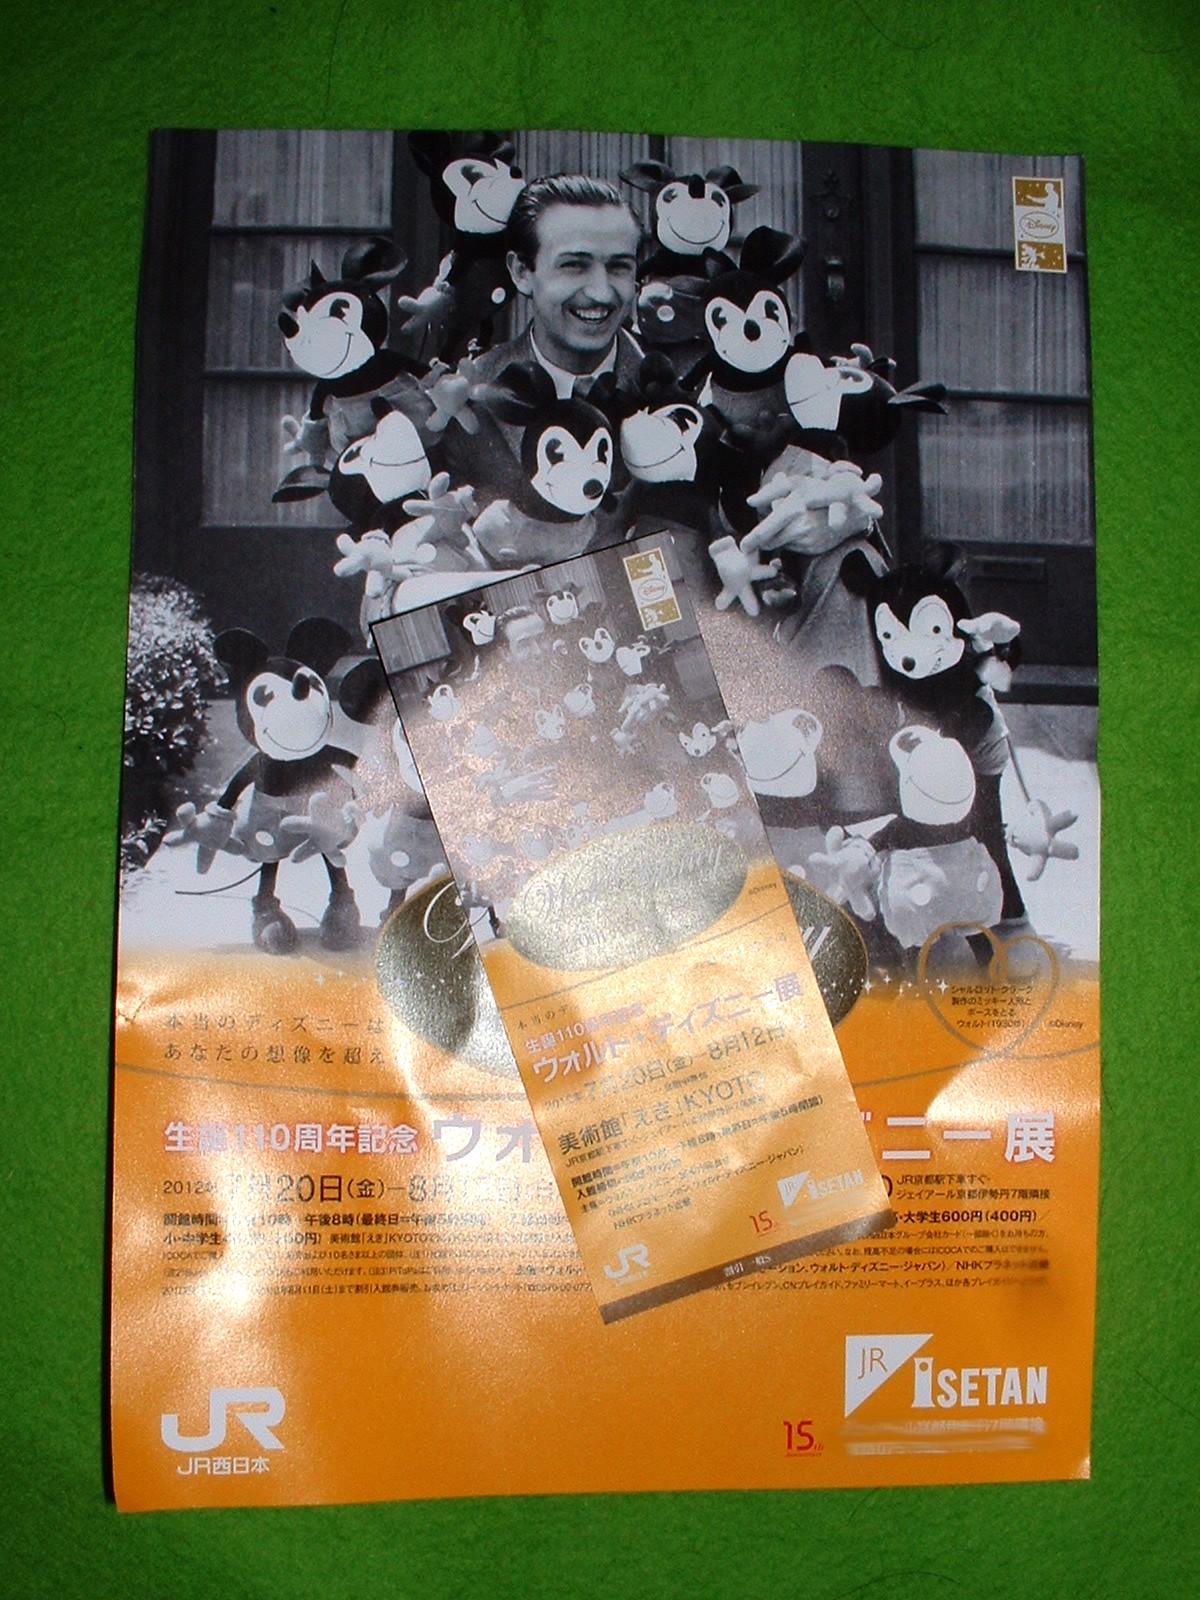 「生誕110周年記念 ウォルト・ディズニー展」Doburoku-TAO.JPG